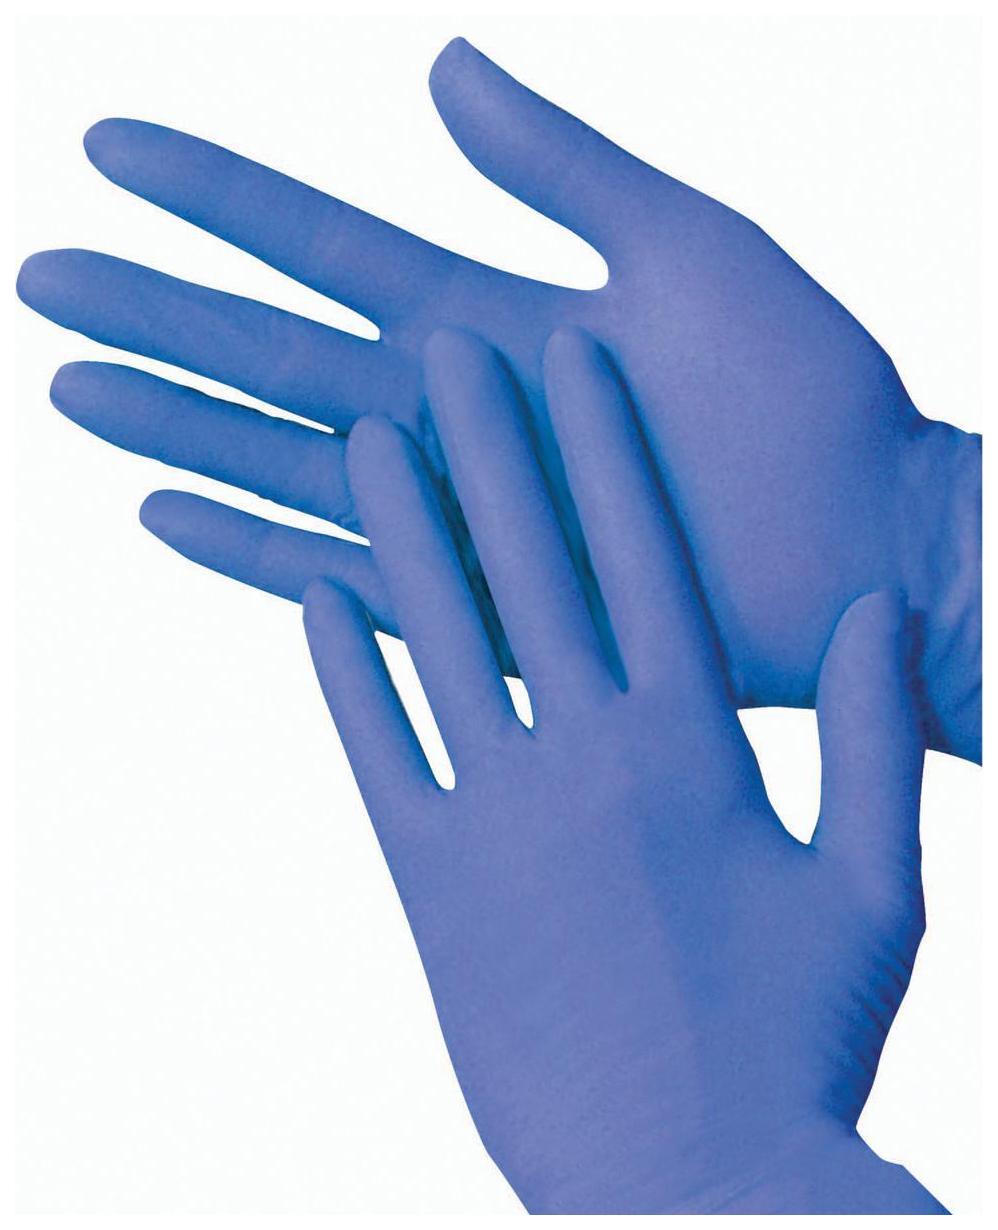 Перчатки нитриловые Glov professional 2 пары размер S